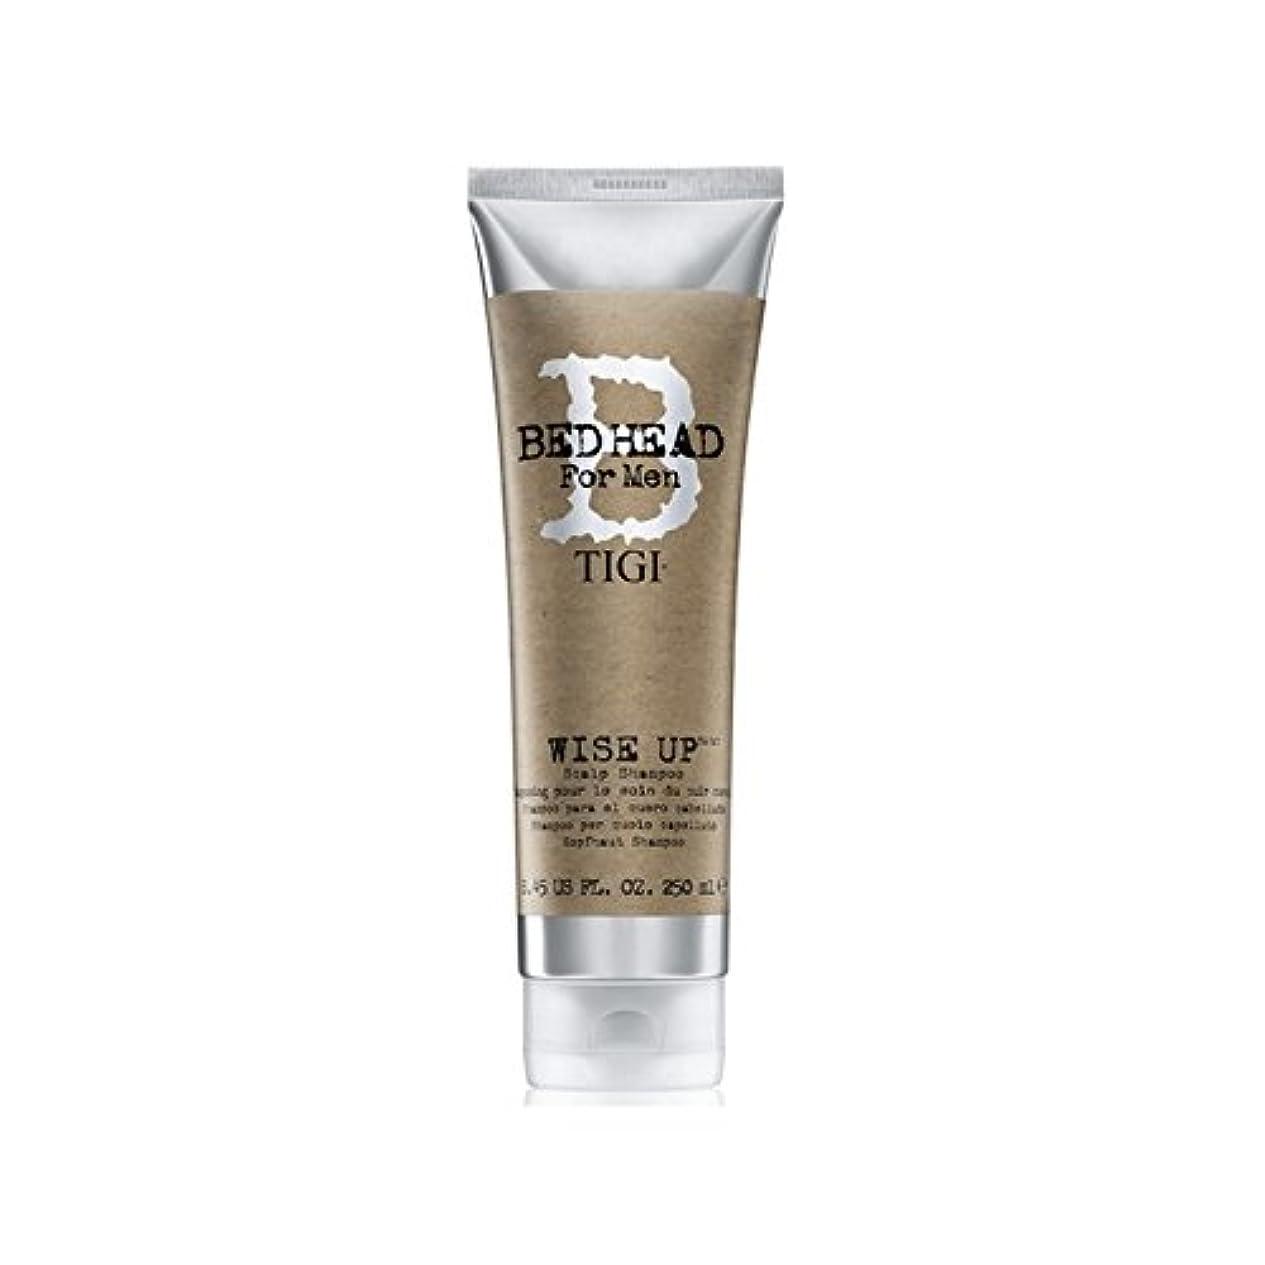 のヒープ見る後世Tigi Bed Head For Men Wise Up Scalp Shampoo (250ml) - 賢明な頭皮シャンプー(250ミリリットル)までの男性のためのティジーベッドヘッド [並行輸入品]